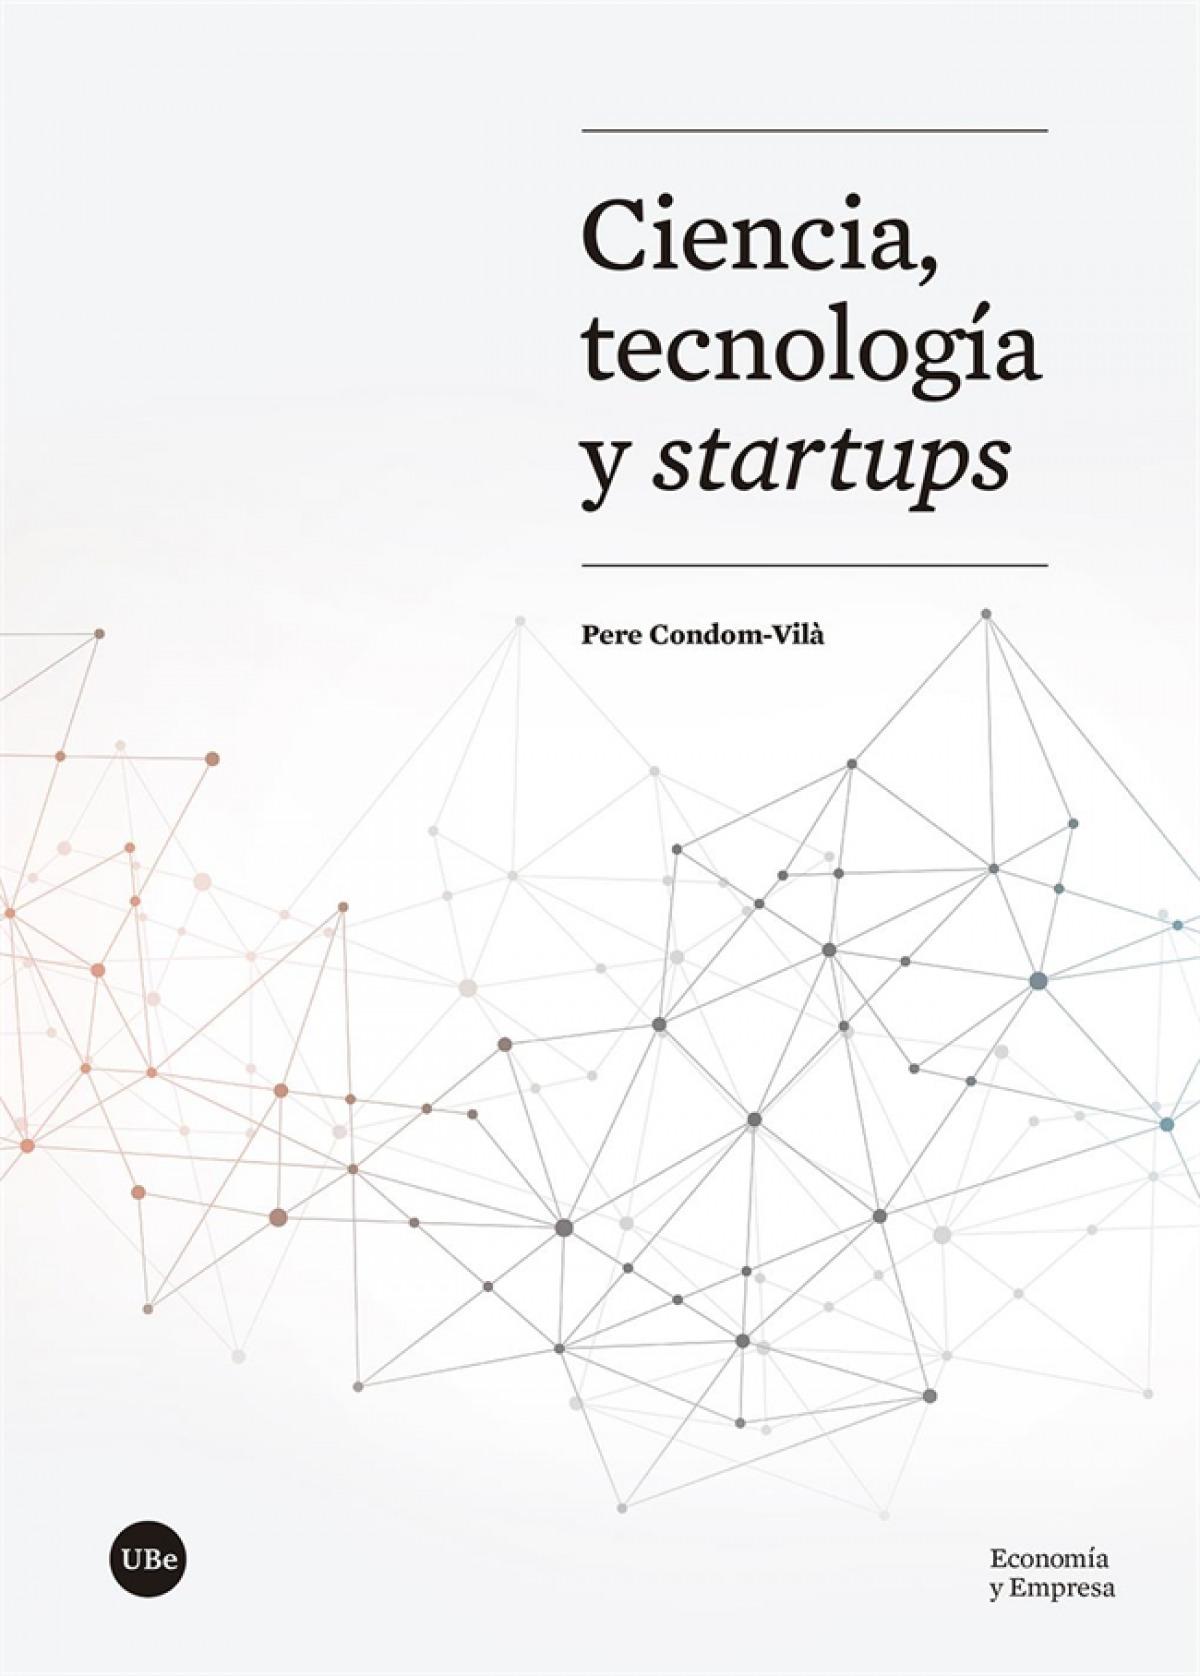 Ciencia, tecnología y startups